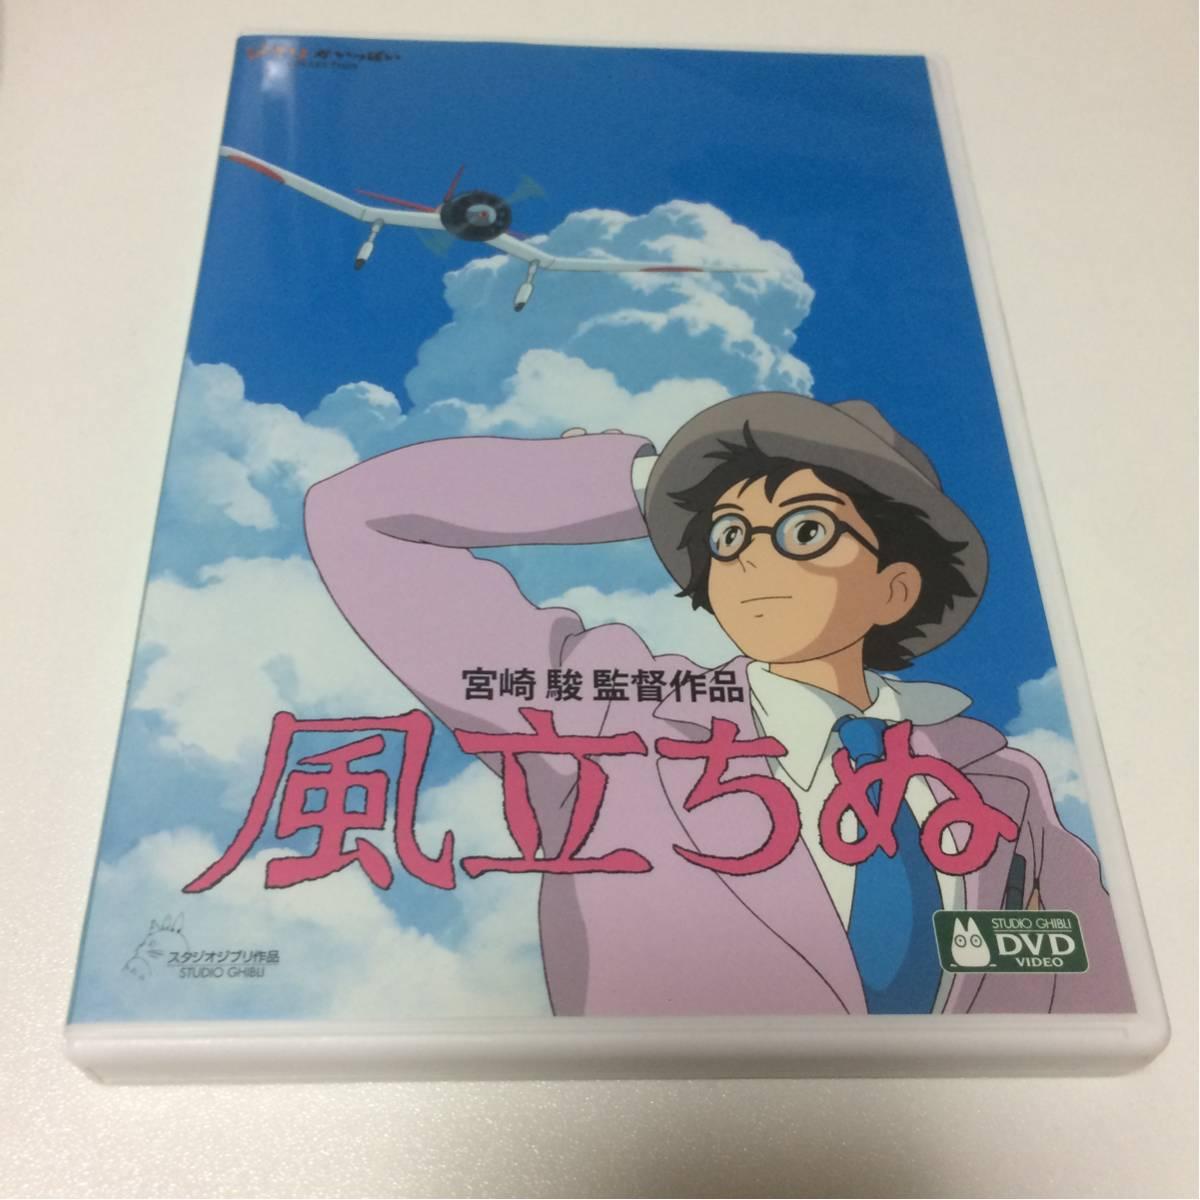 風立ちぬ DVD 製品版 ジブリ グッズの画像